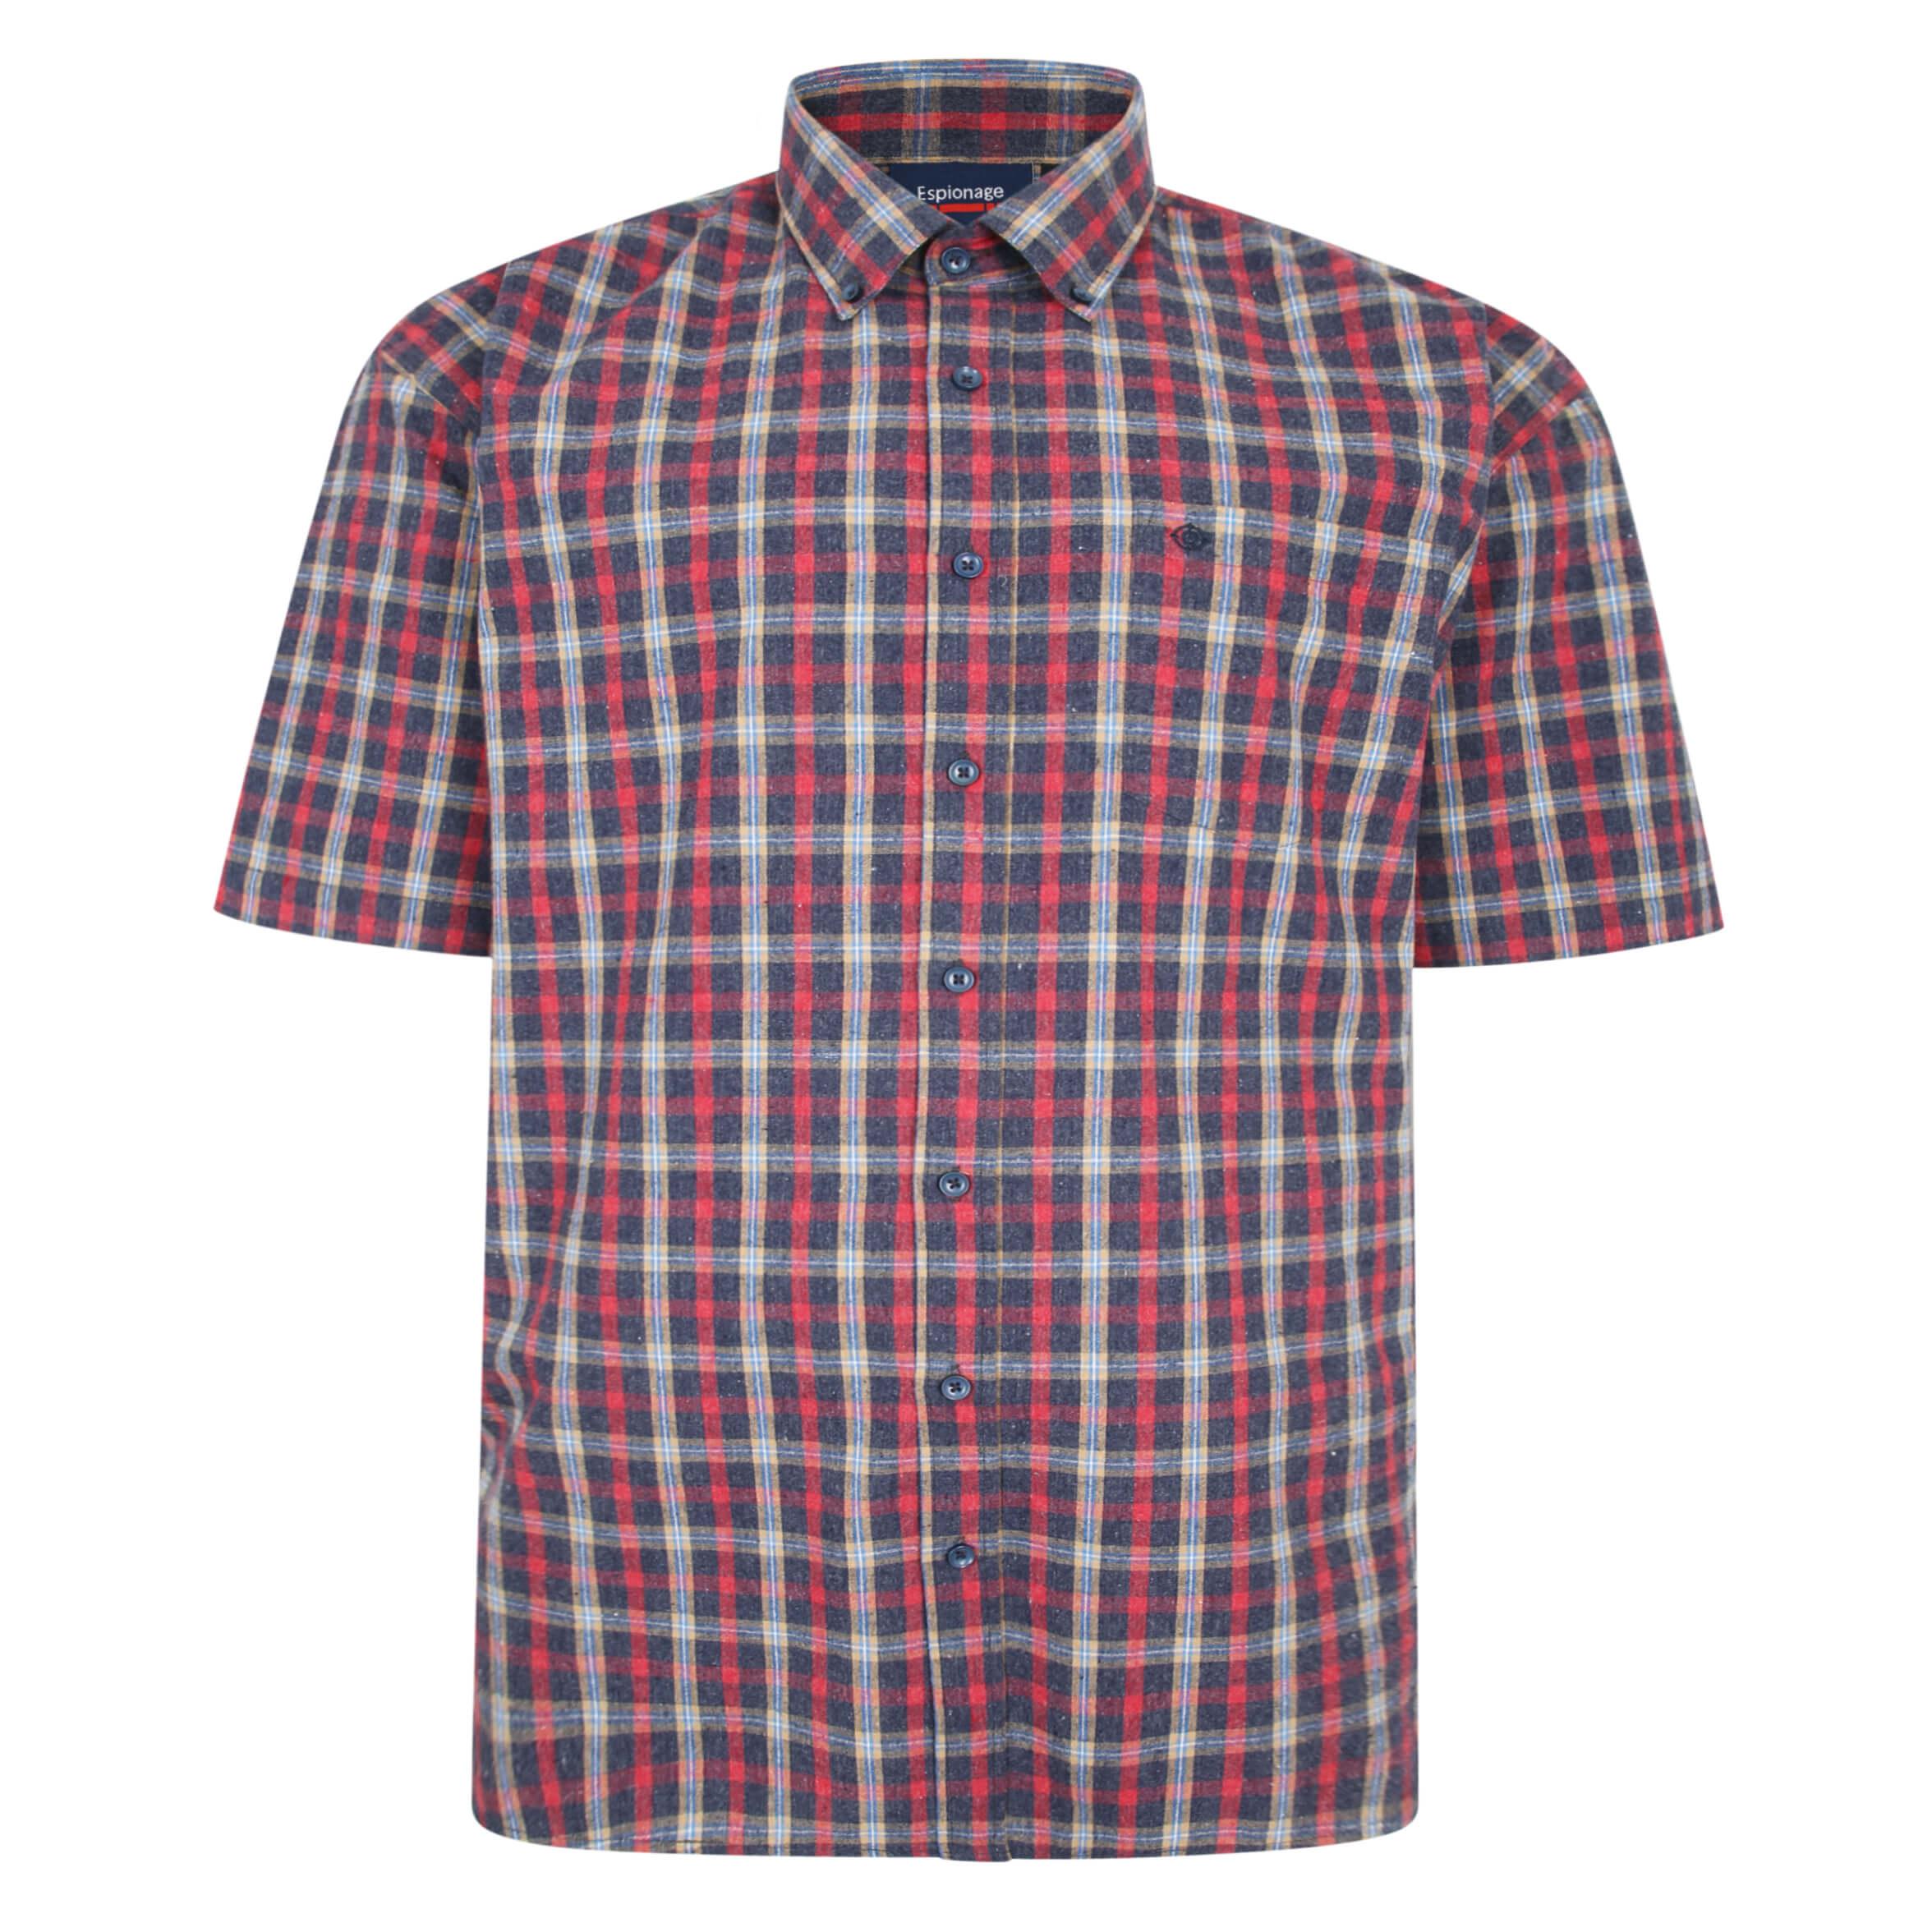 Espionage Short Sleeve Brushed Shirt